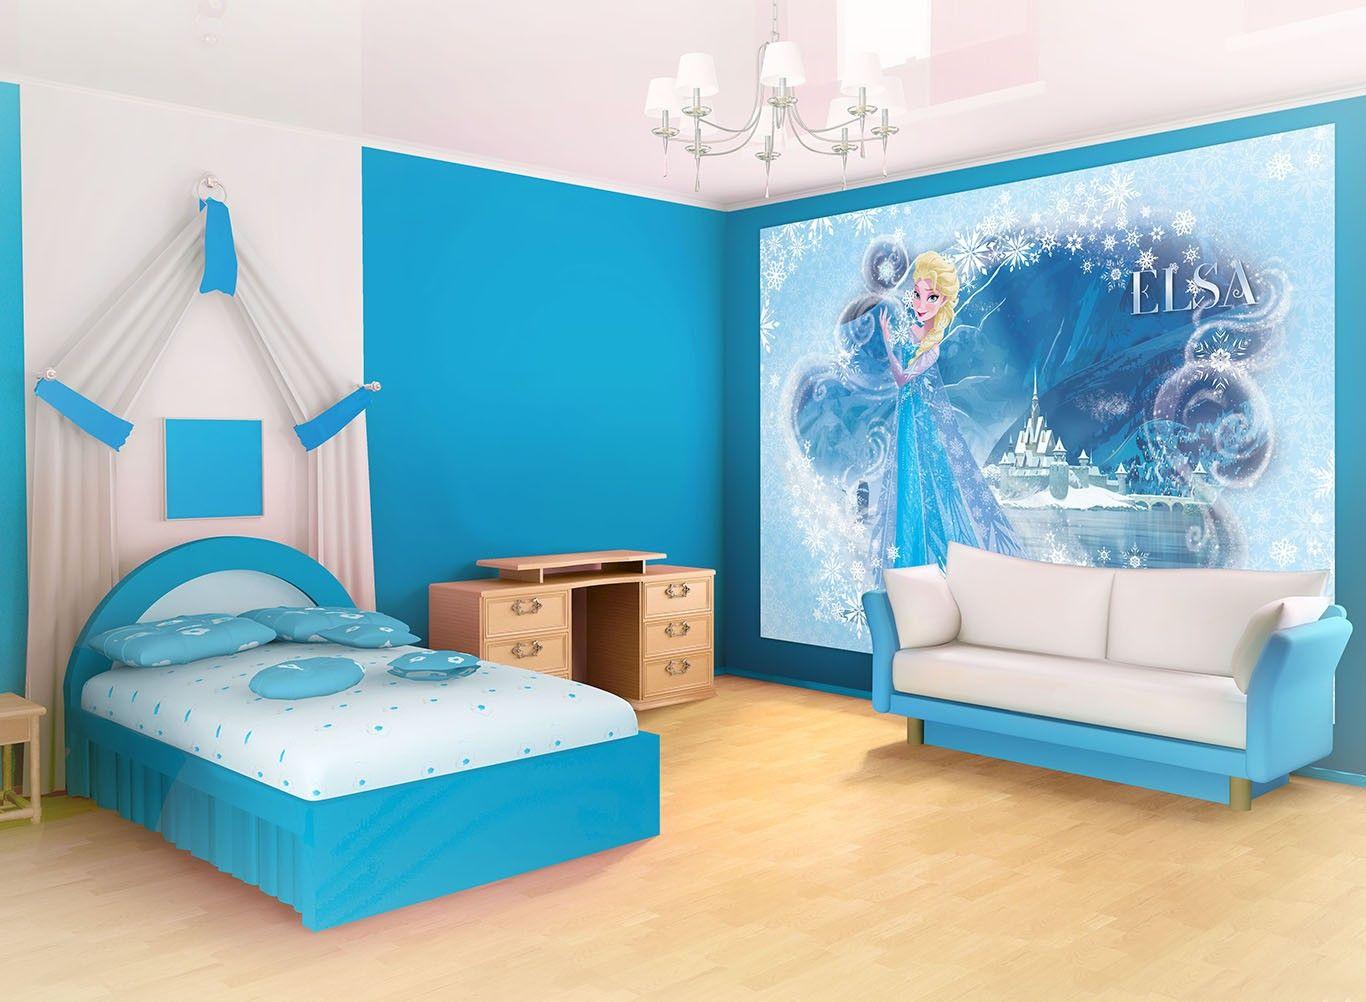 . frozen disney poster elsa       fresque murale la reine des neiges